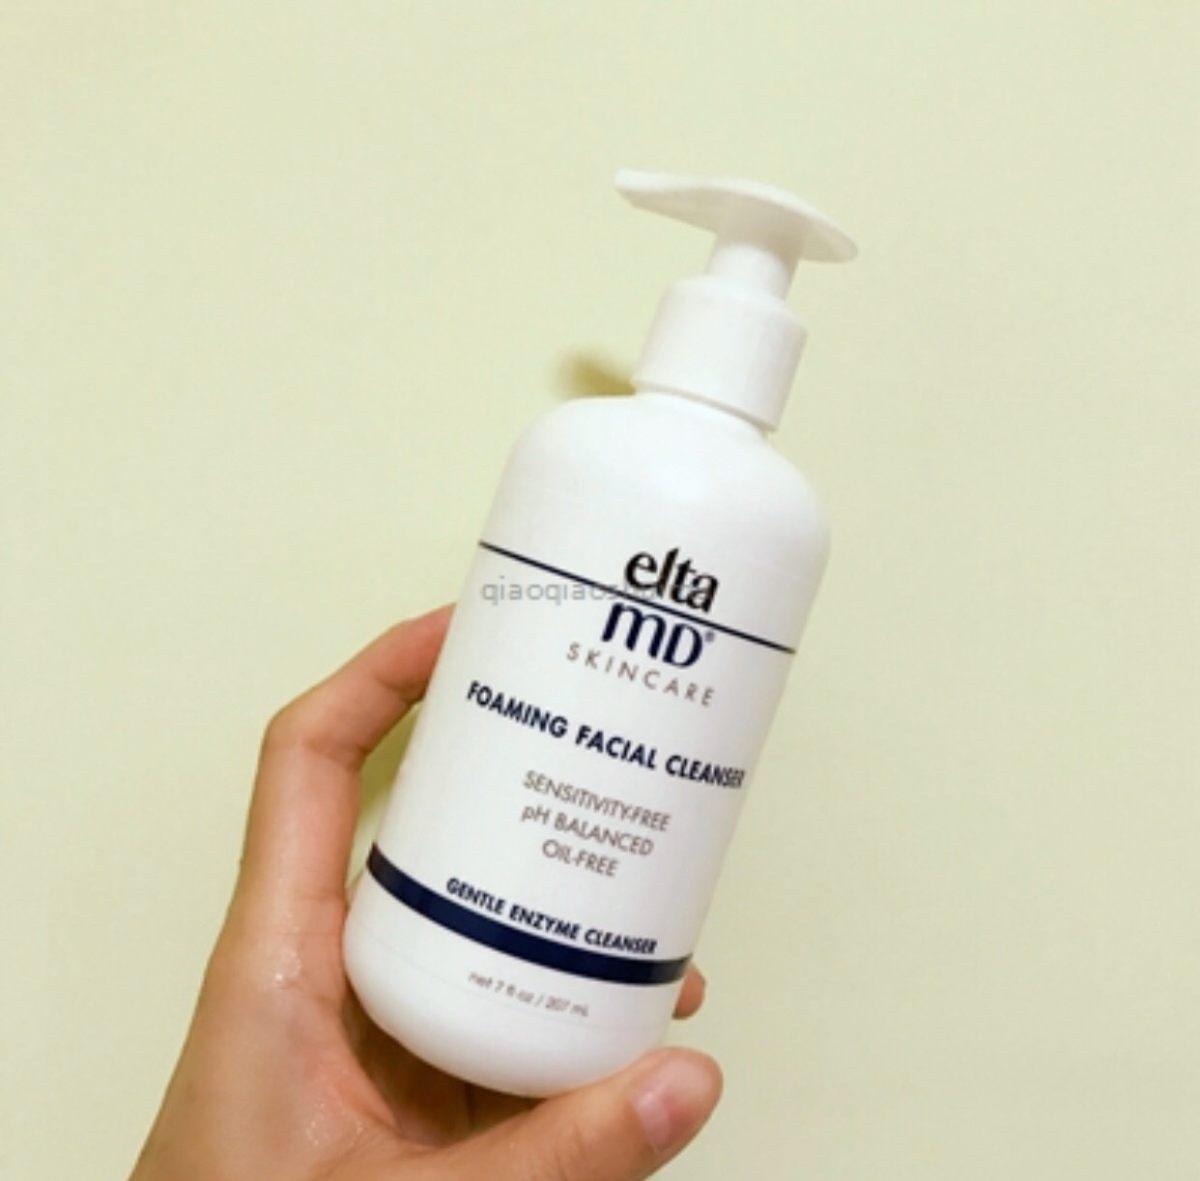 EltaMD氨基酸泡沫洁面乳,超推荐的一款洗面奶喔😉 之前